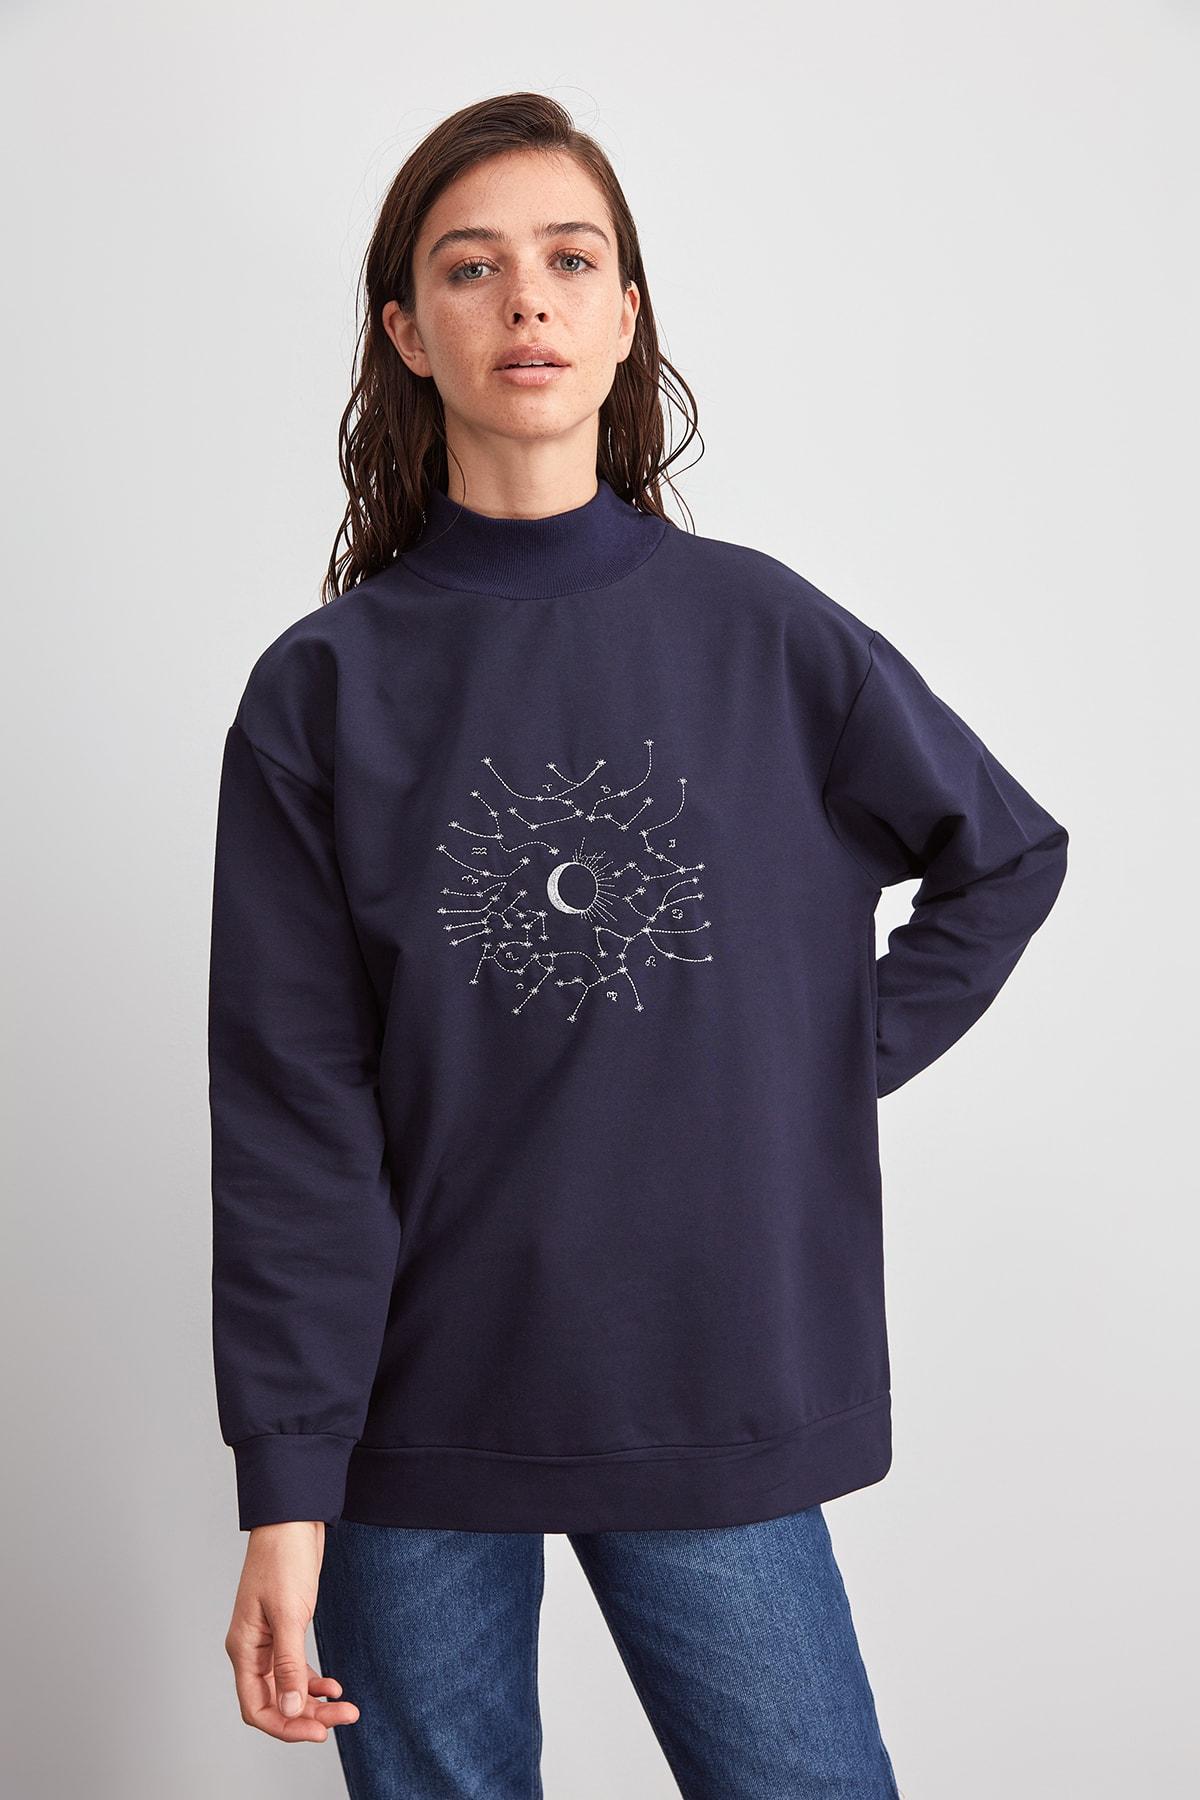 Trendyol Embroidered Boyfriend Knitted Sweatshirt TWOAW20SW0652